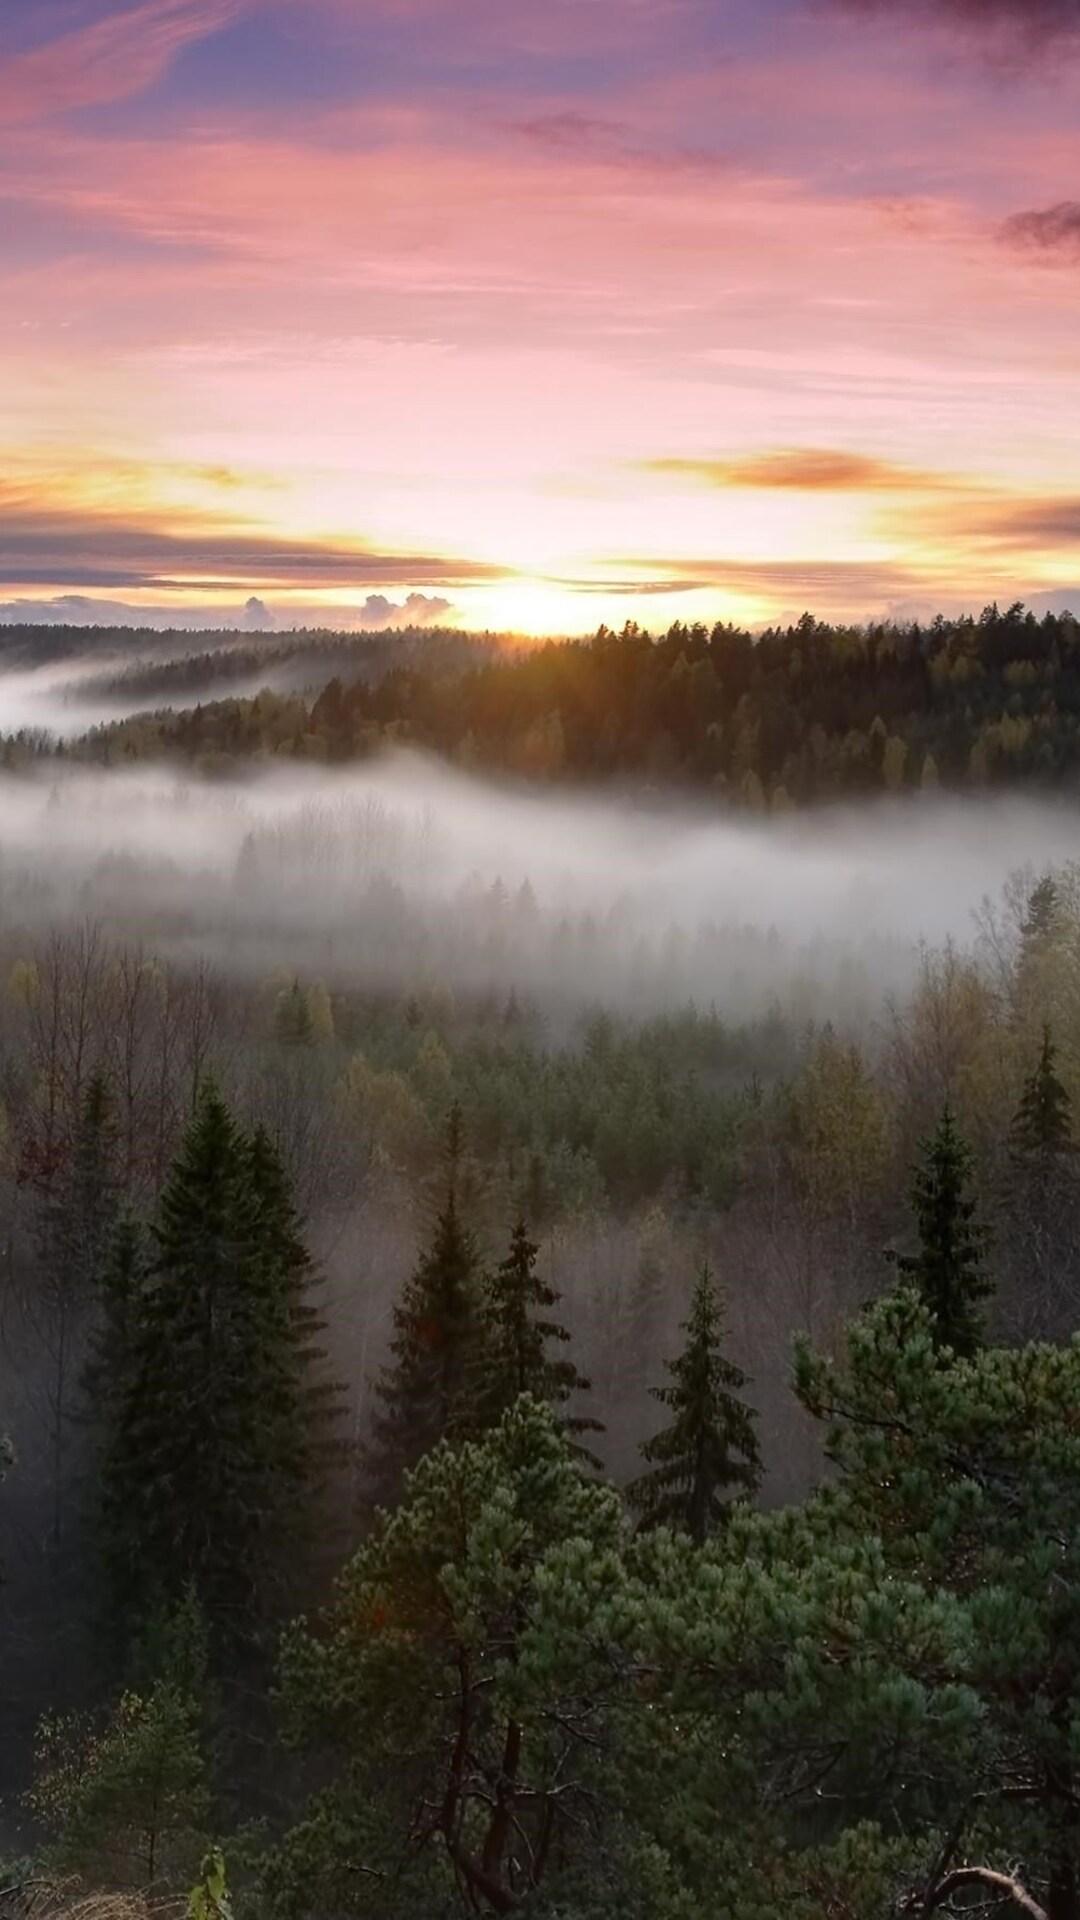 foggy-sunrise-national-park.jpg